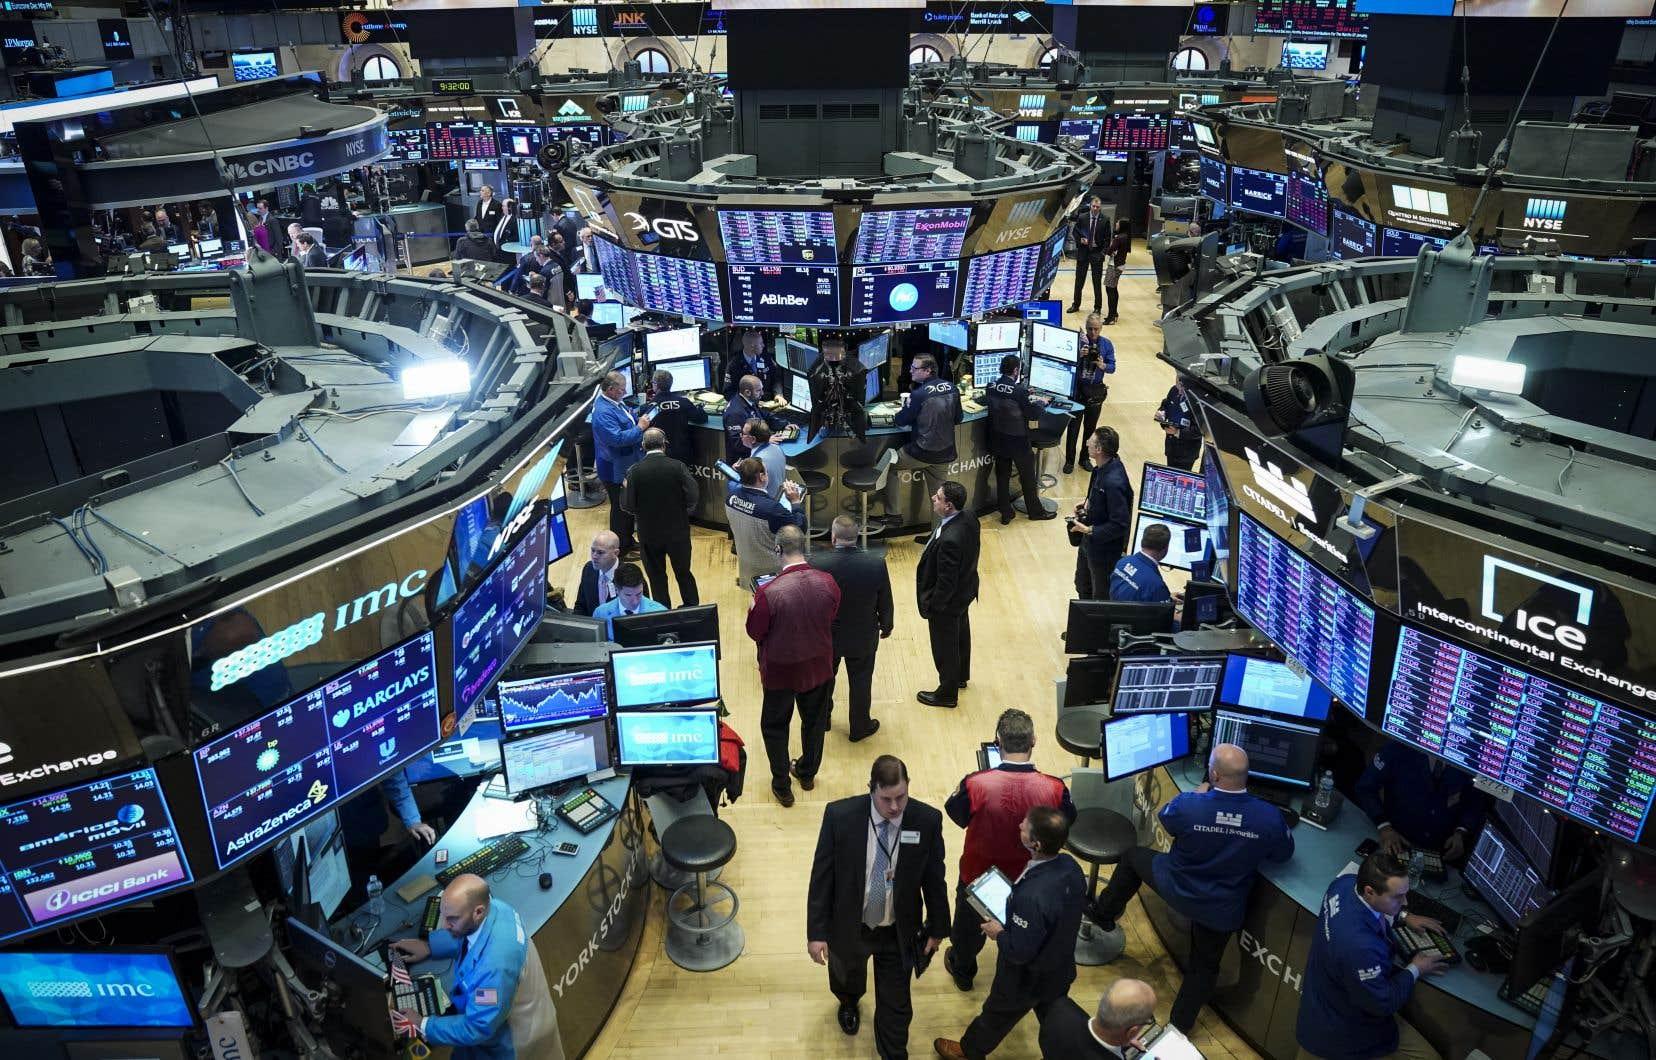 La Bourse s'est un peu plus raffermie lundi après la reprise de discussions commerciales bilatérales entre la Chine et les États-Unis.